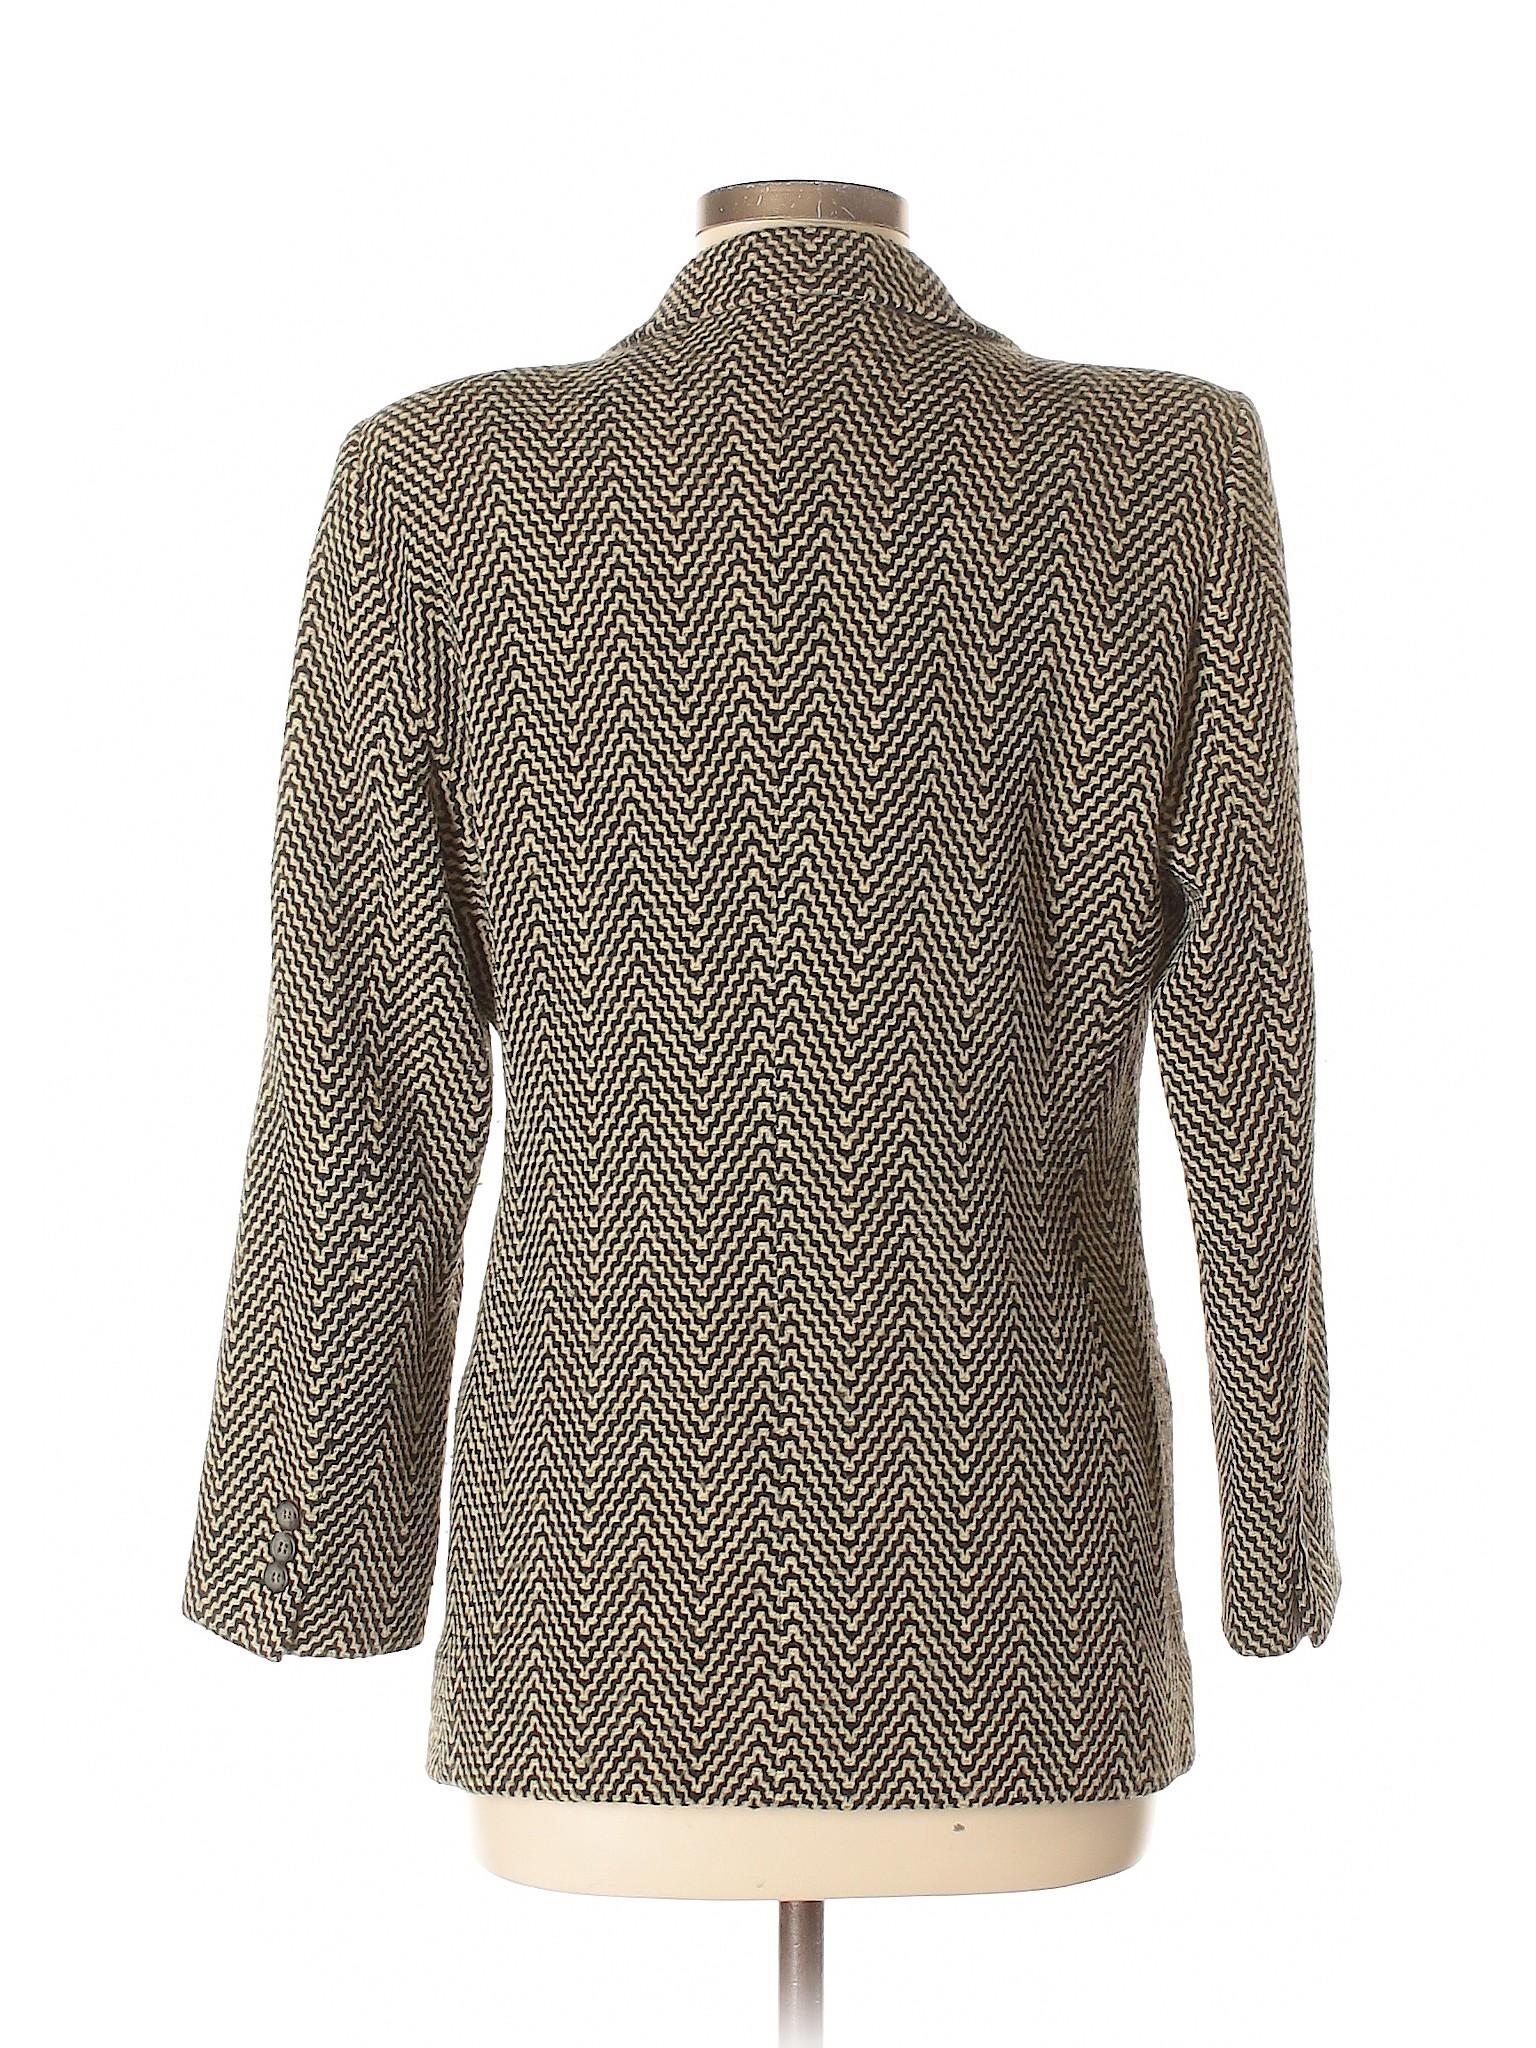 Blazer Emporio leisure Wool Armani Boutique XwxqpnTB0T